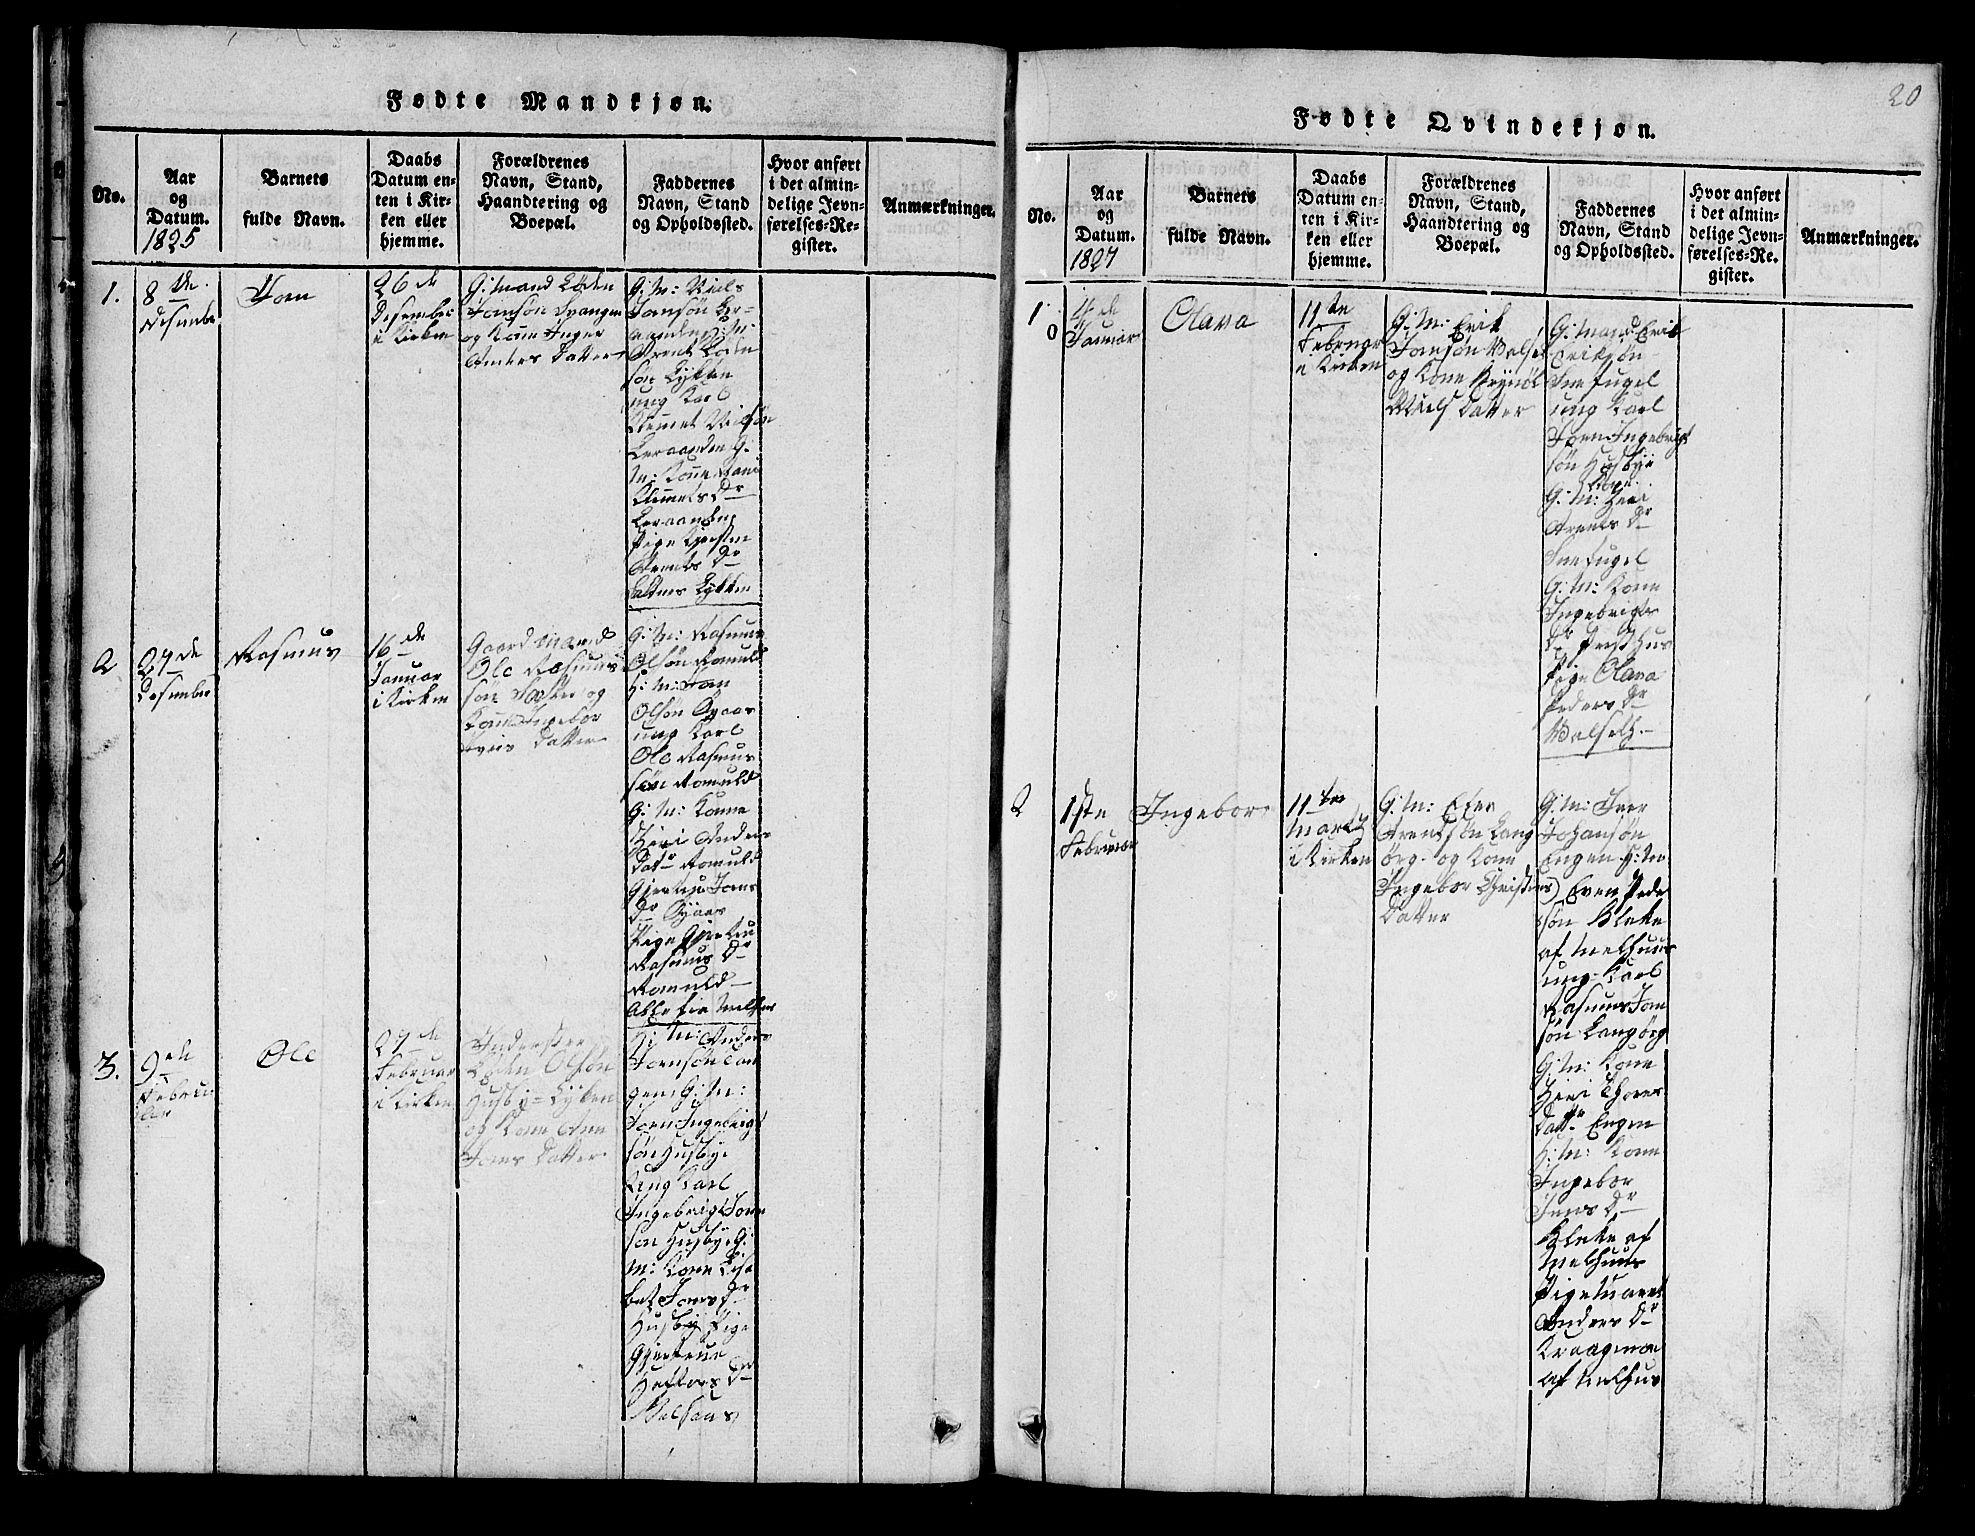 SAT, Ministerialprotokoller, klokkerbøker og fødselsregistre - Sør-Trøndelag, 666/L0788: Klokkerbok nr. 666C01, 1816-1847, s. 20